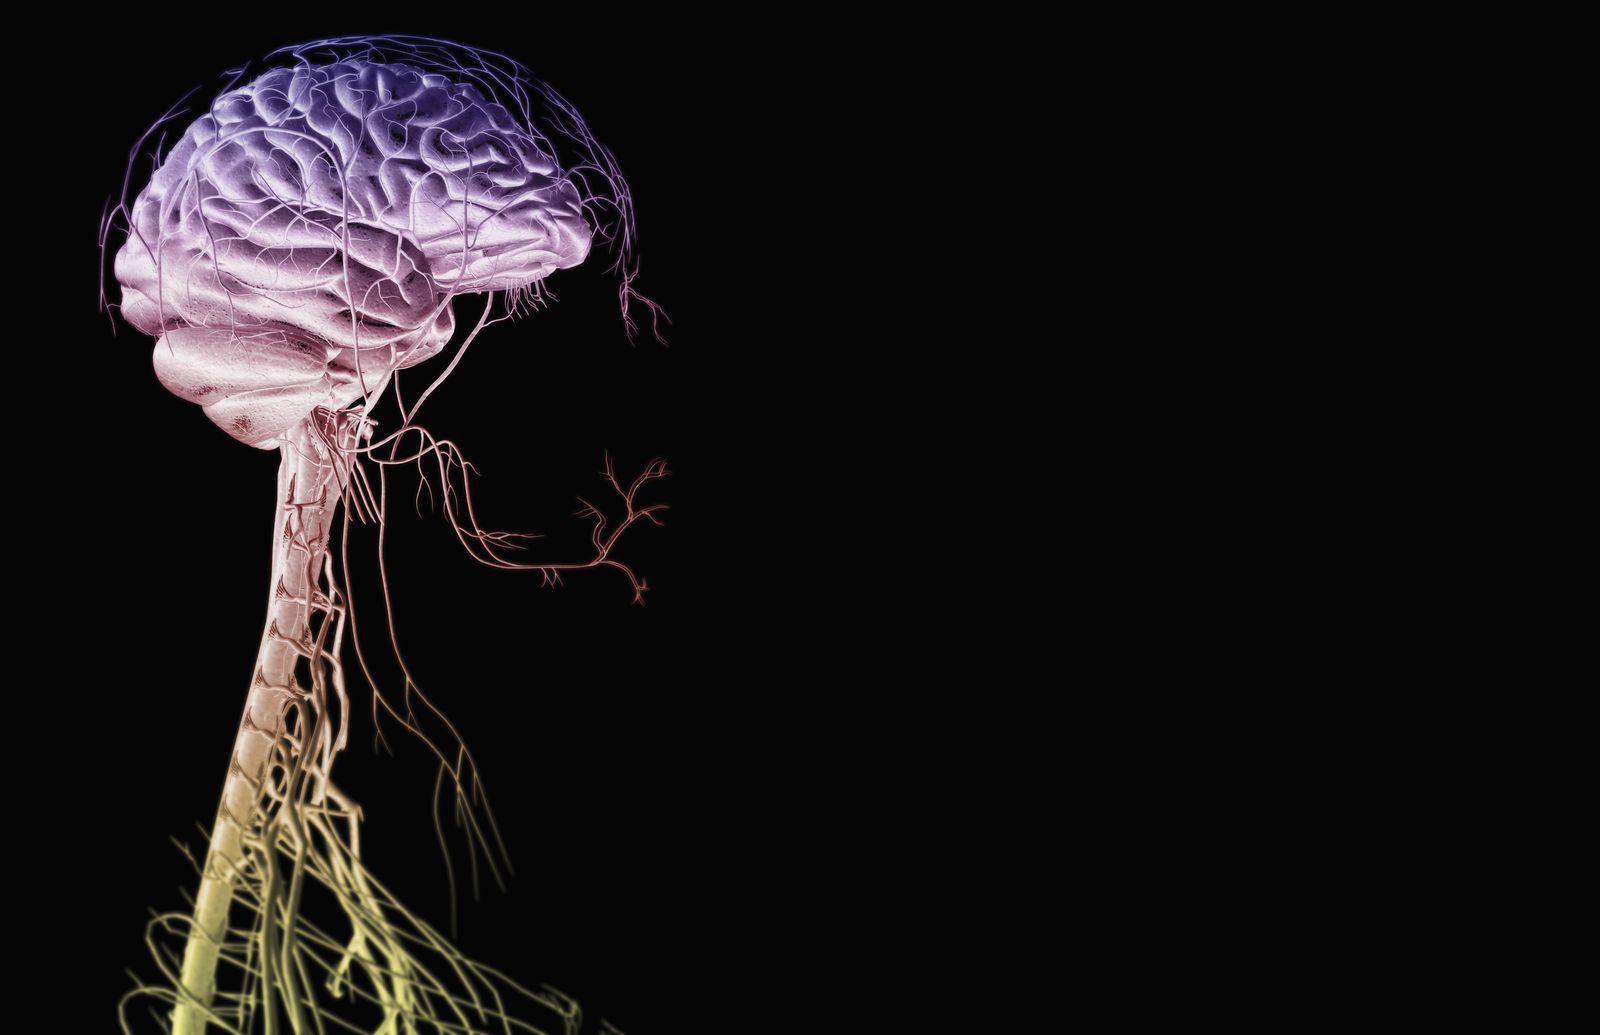 NICHT MEHR VERWENDEN! - Gehirn / Nerven